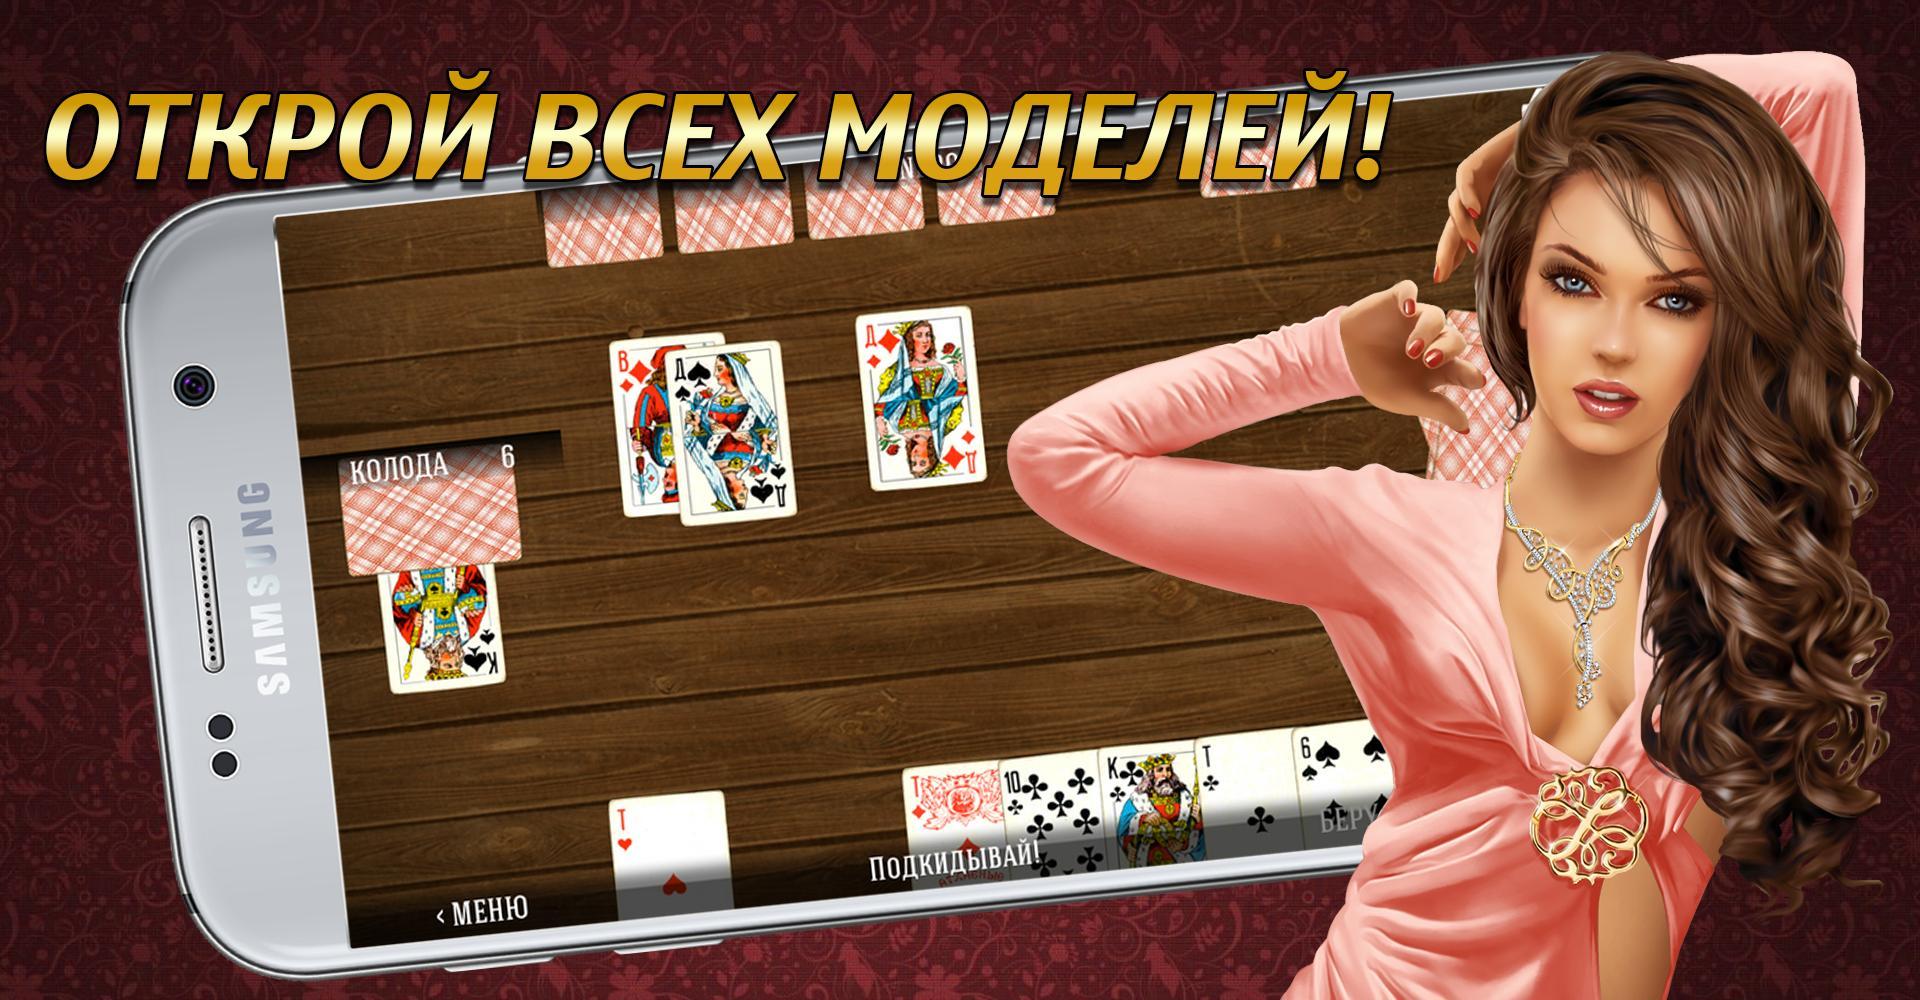 Играть в карты дурак на раздевание бесплатно 2014 как тащить в сампе казино